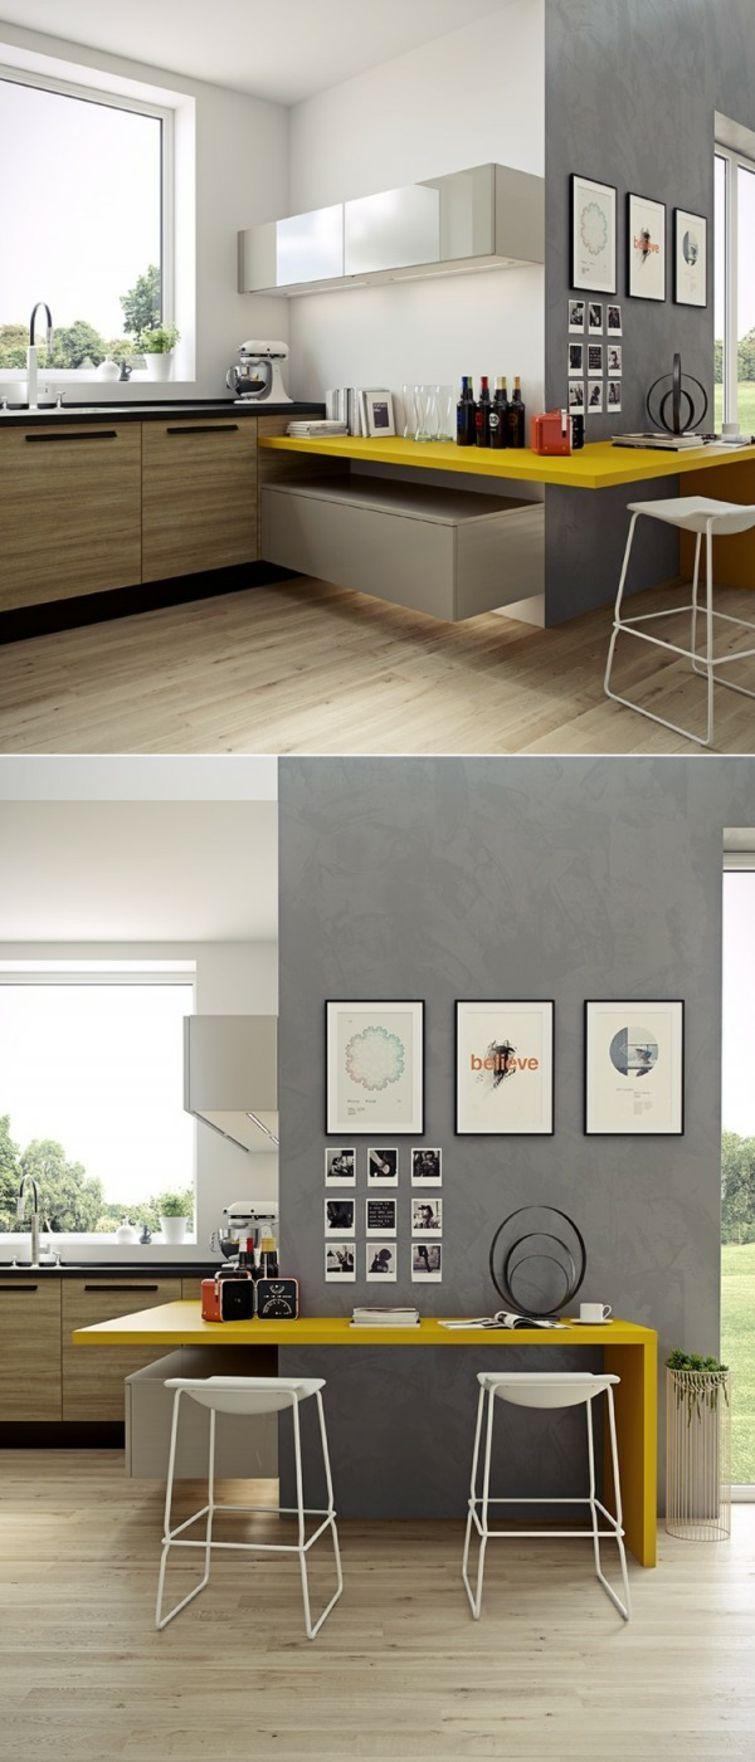 Cuisine petite surface: idées pour un design moderne | house ...